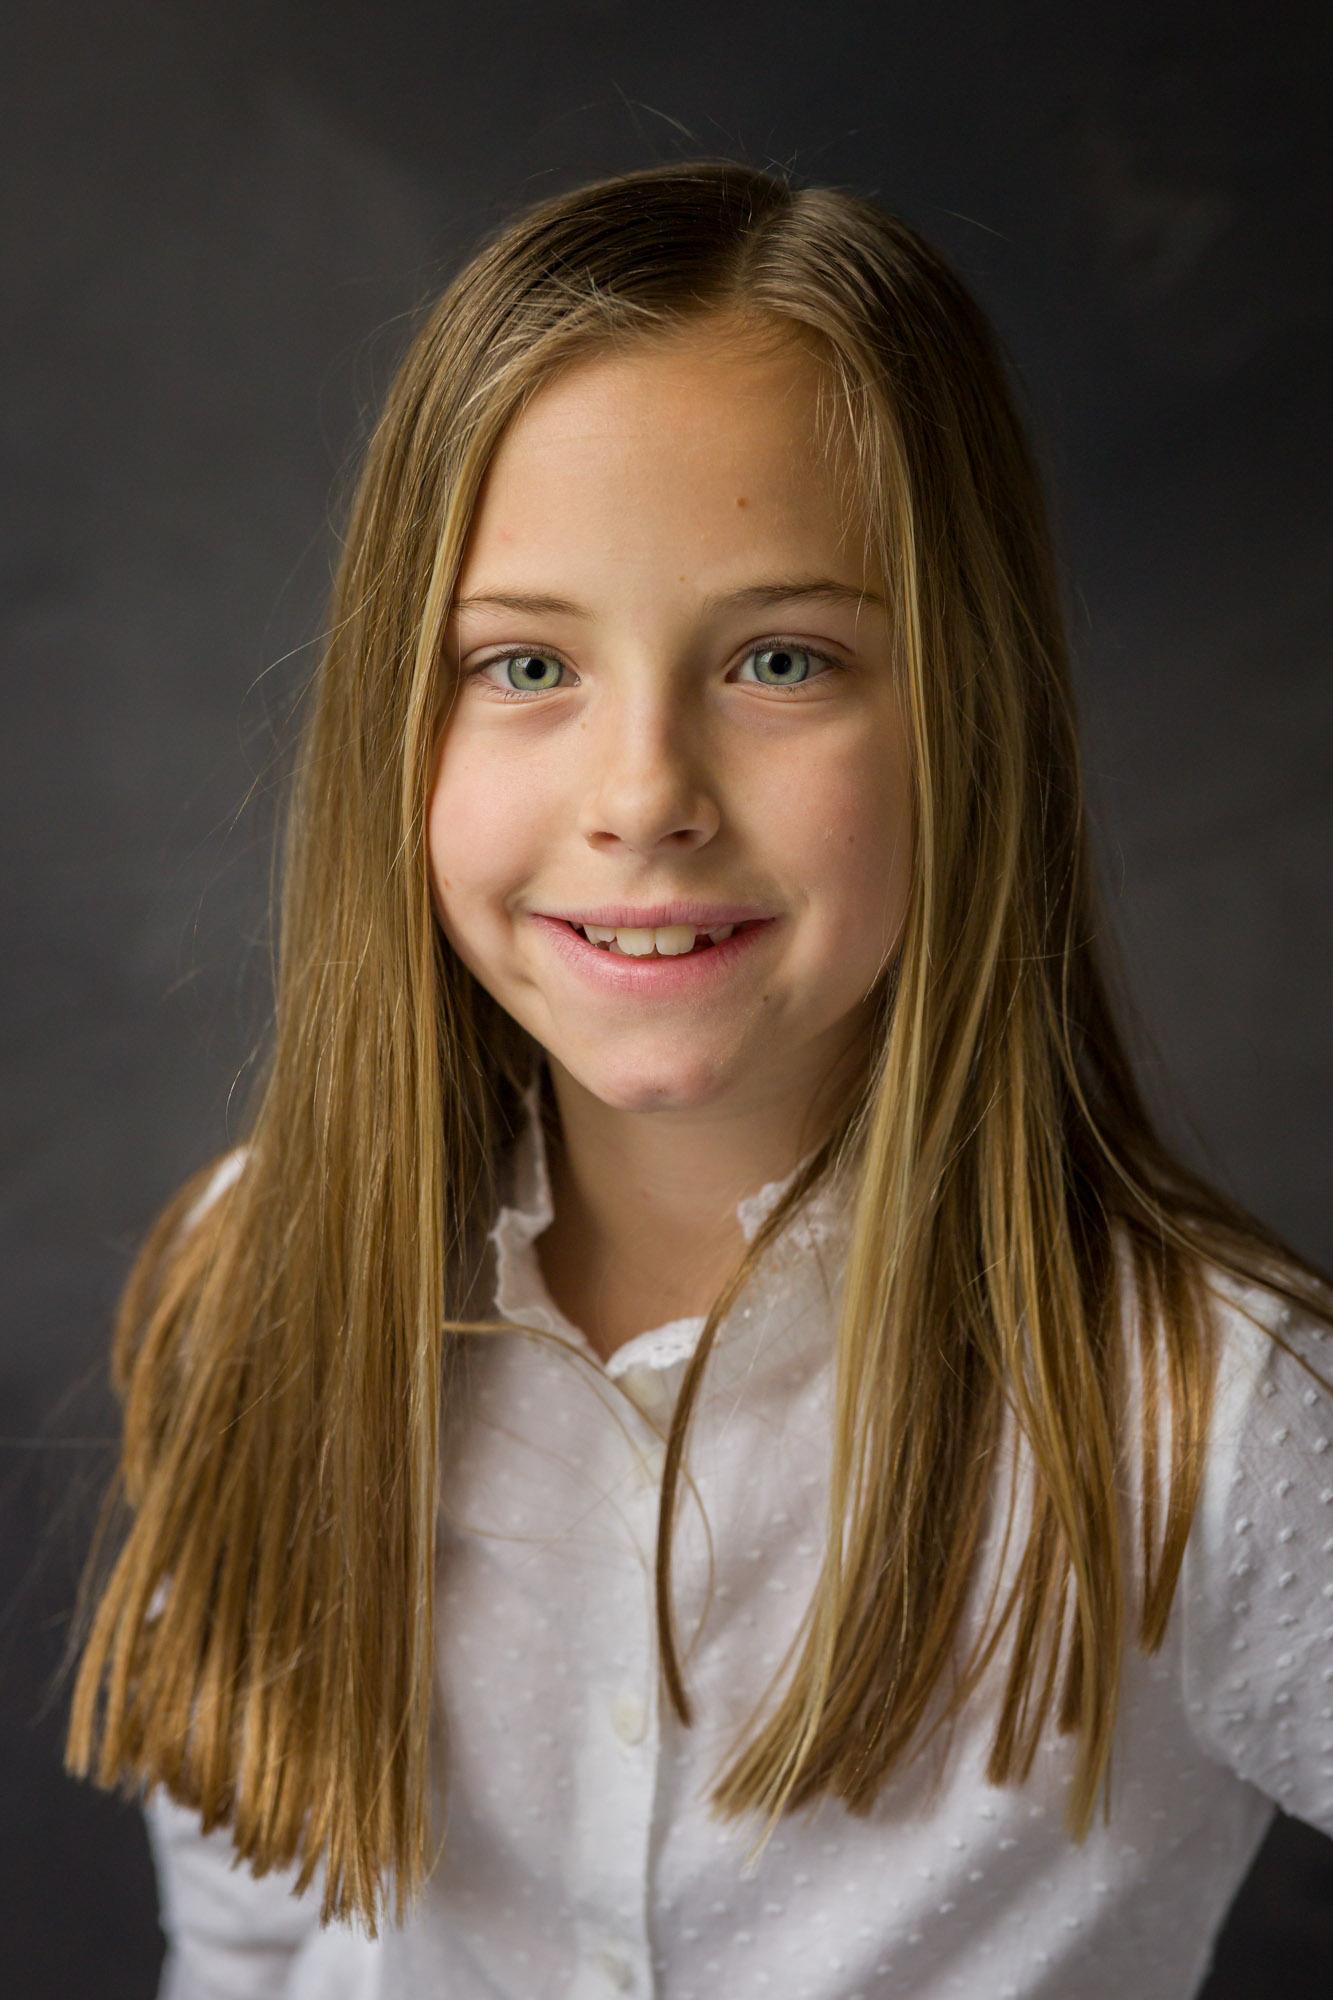 portret van stralend jong meisje in studio met natuurlijk licht door MayraFotografie